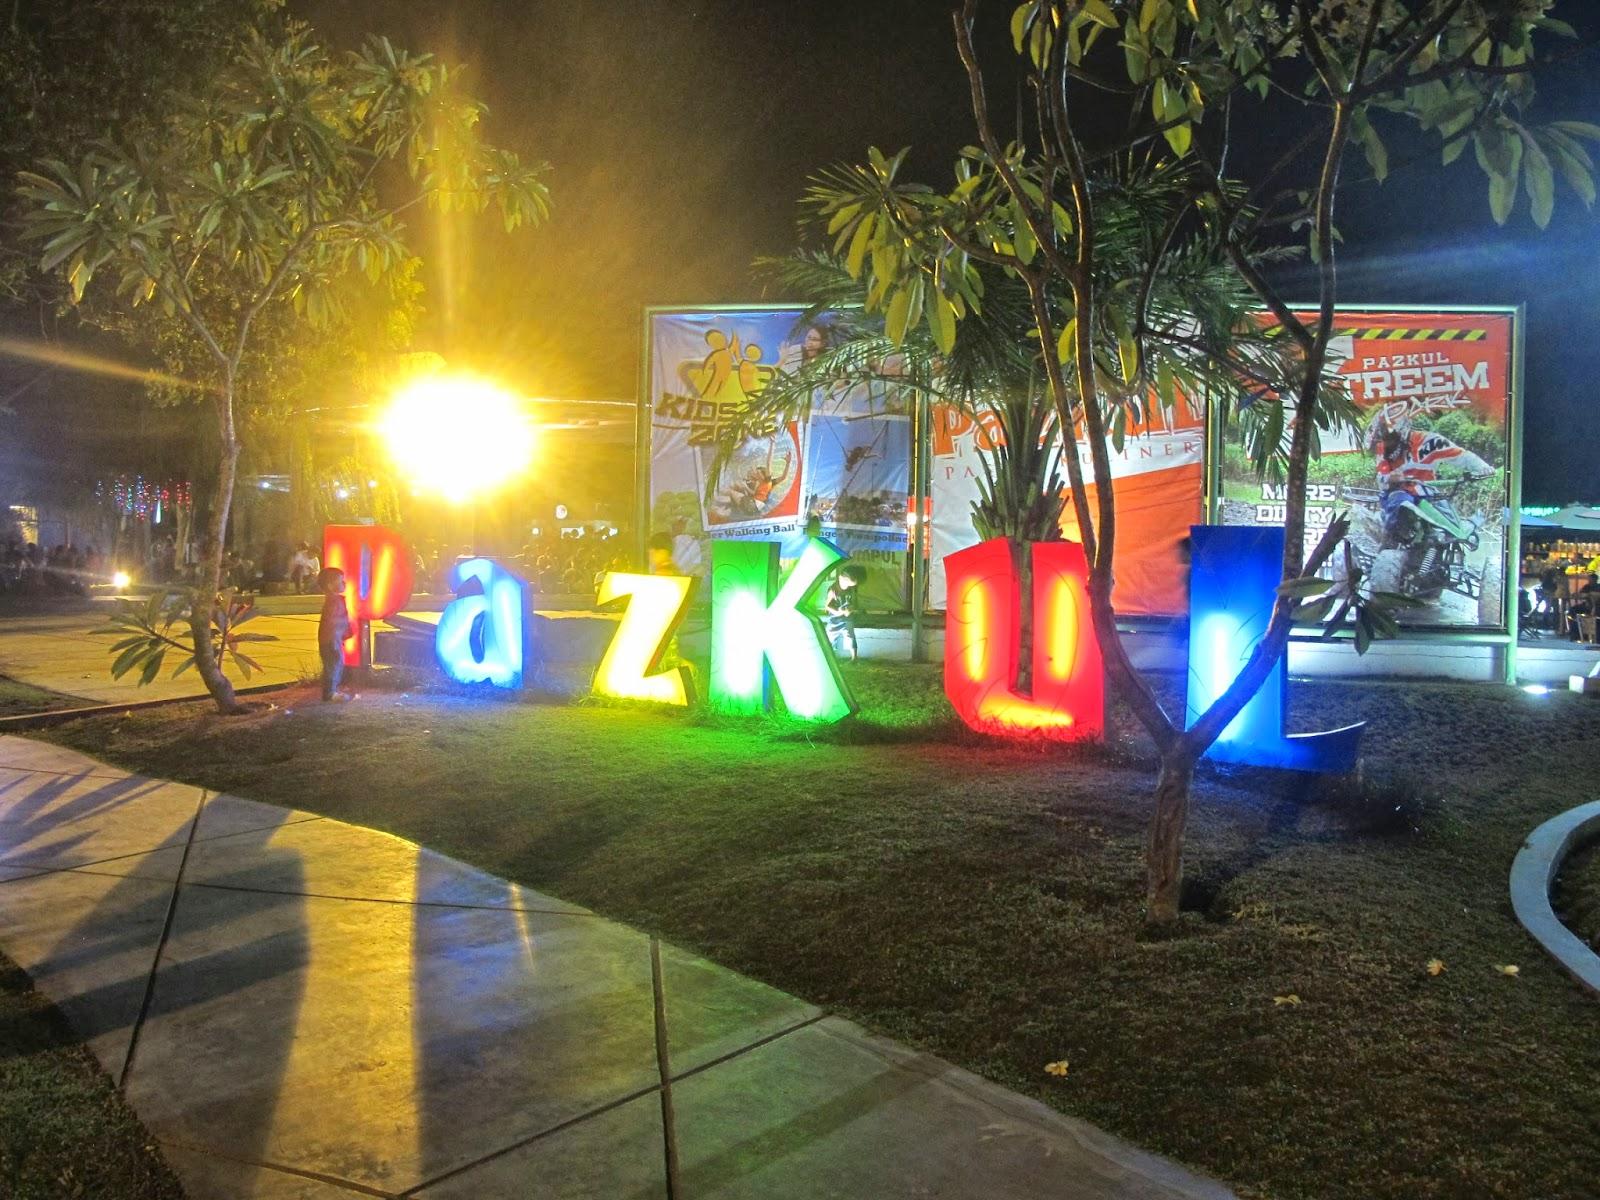 Pazkul Tempat Nongkrong Asyik Sidoarjo Haya Zone Pasar Kuliner Kahuripan